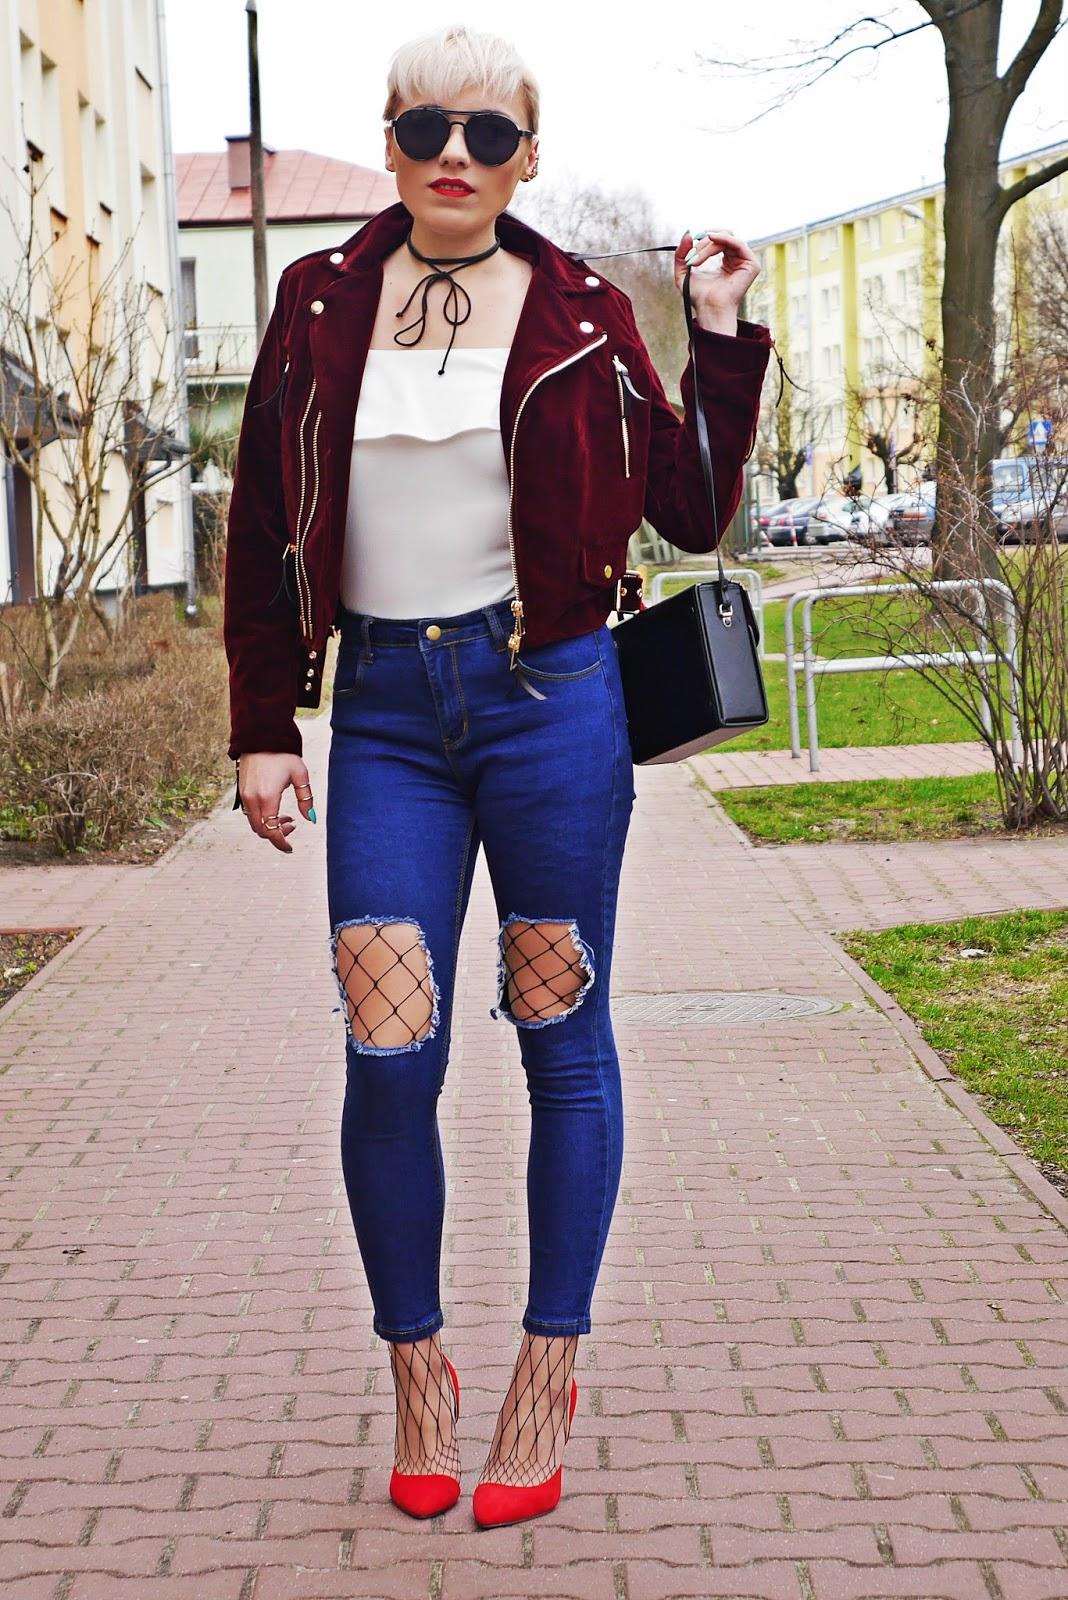 kabaretki_czarne_jeansy_z_dziurami_look_ootd_outfit_karyn_blog_300317a